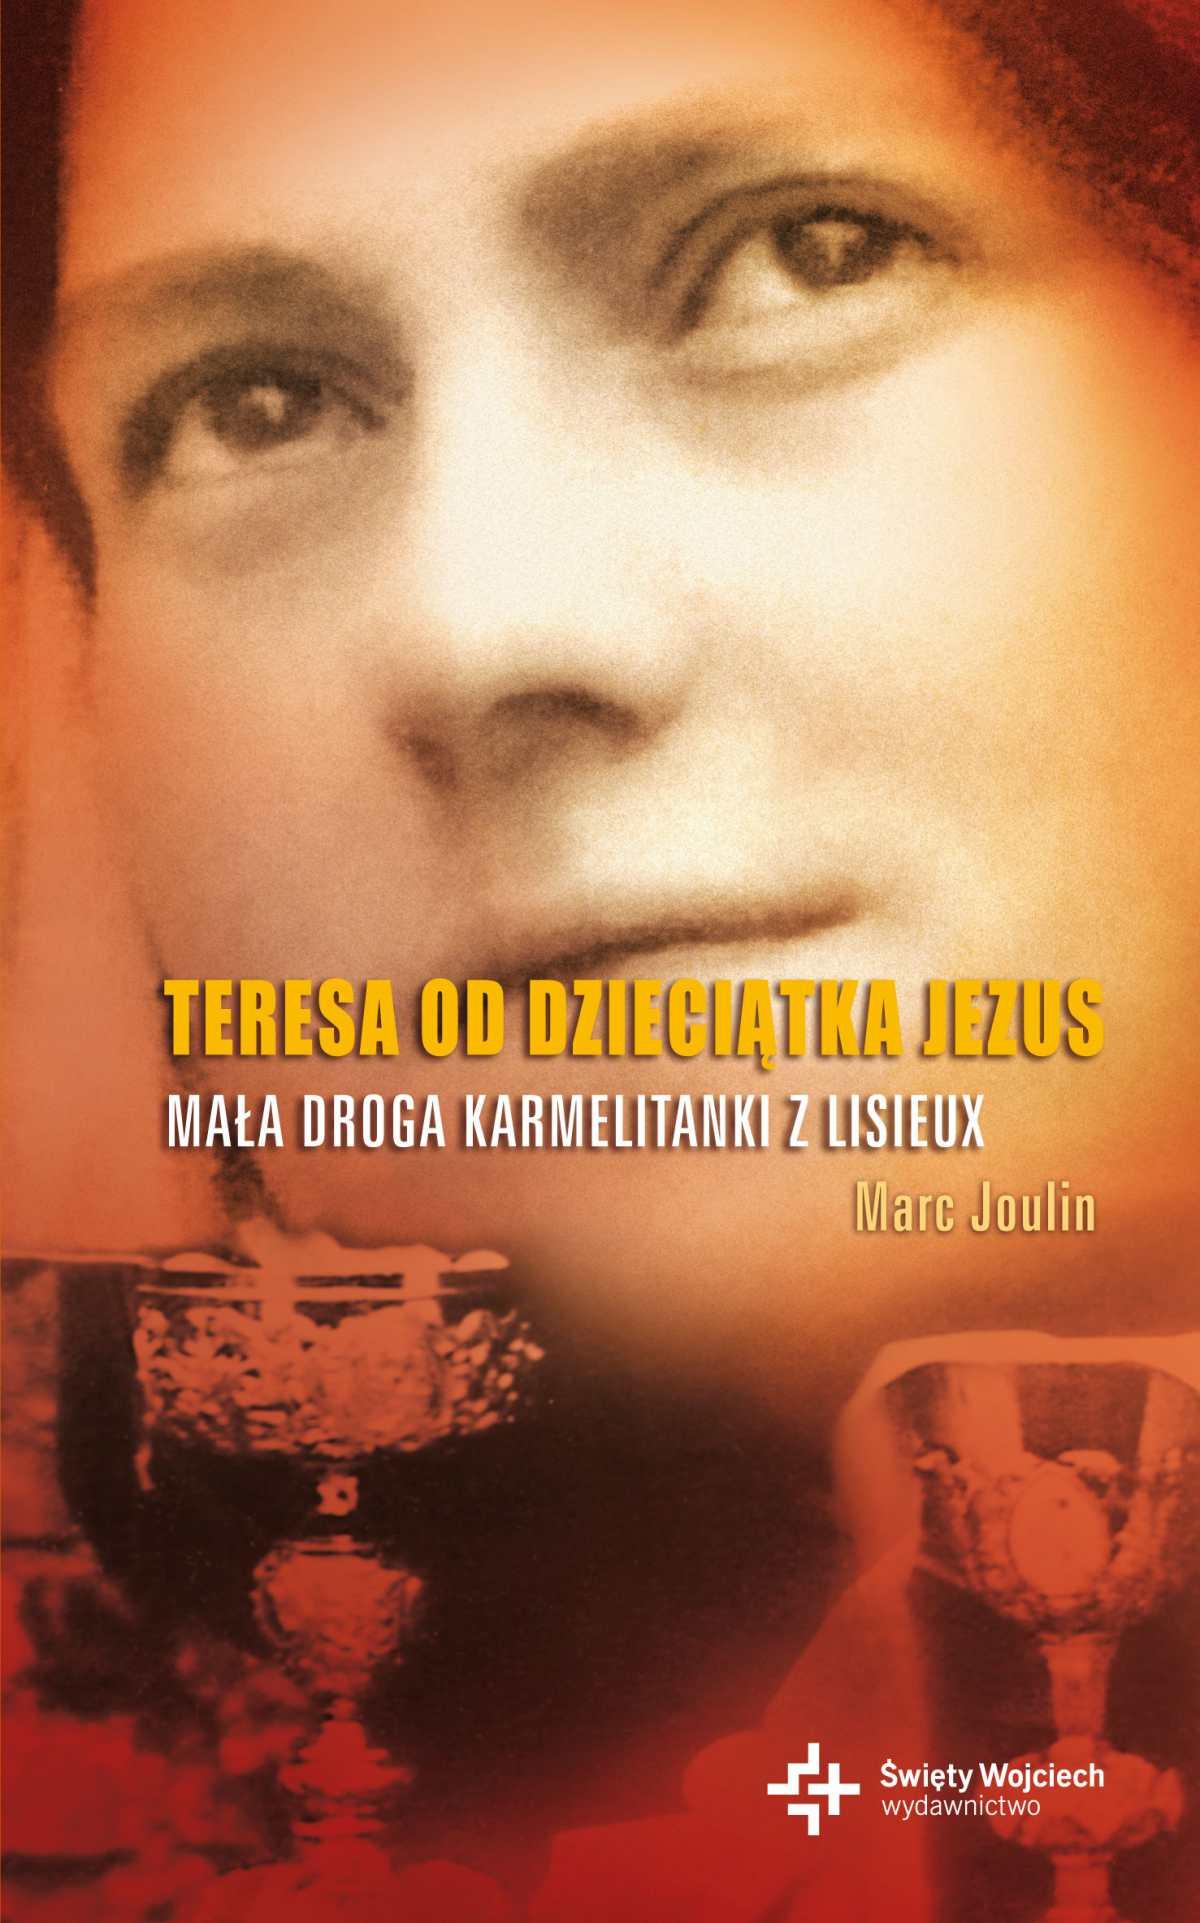 Teresa od Dzieciątka Jezus - Ebook (Książka EPUB) do pobrania w formacie EPUB